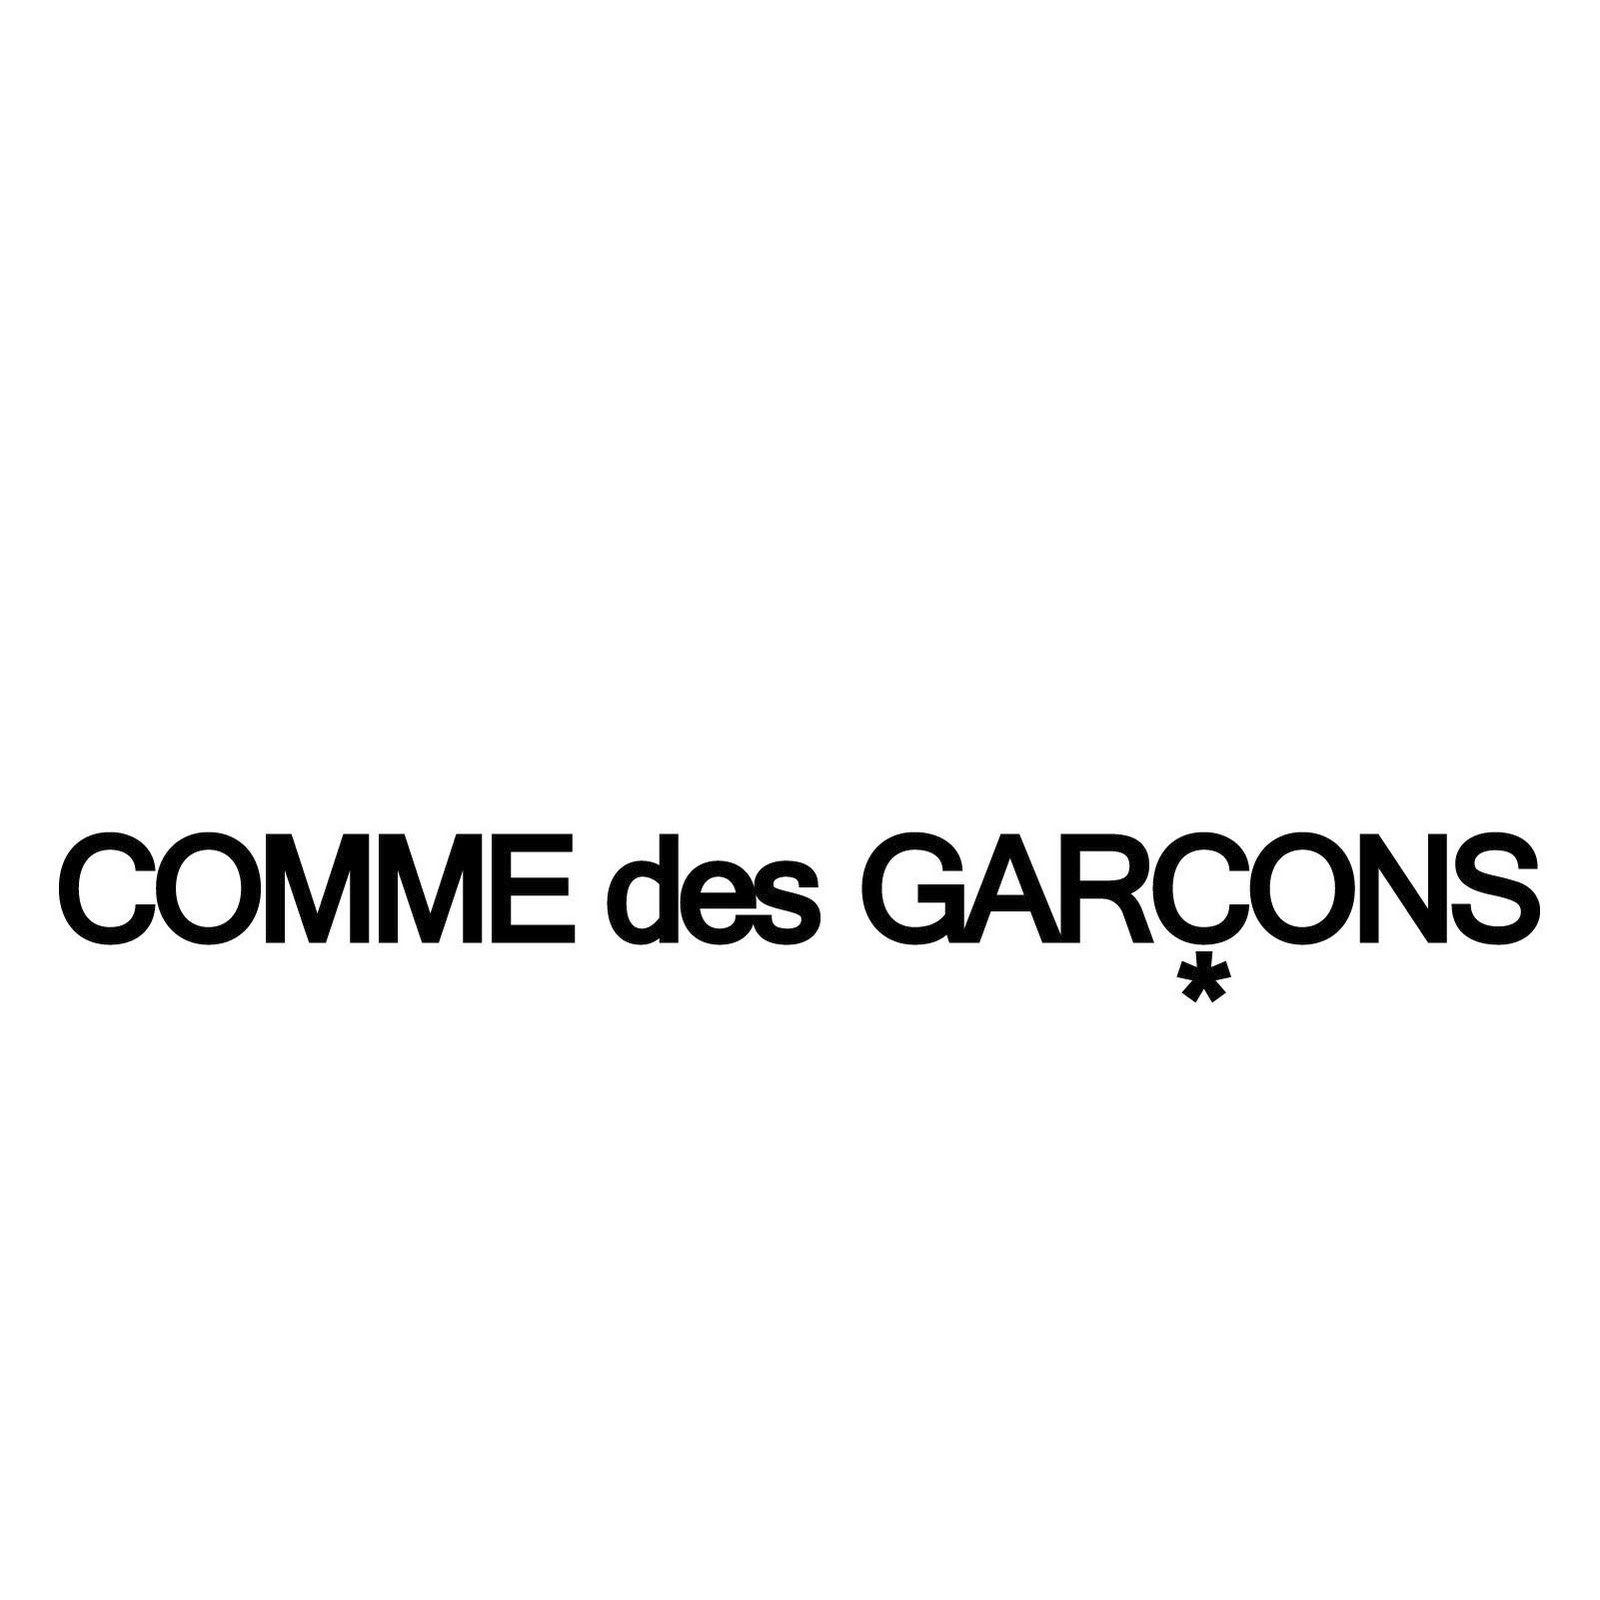 COMME DES GARÇONS (Image 1)